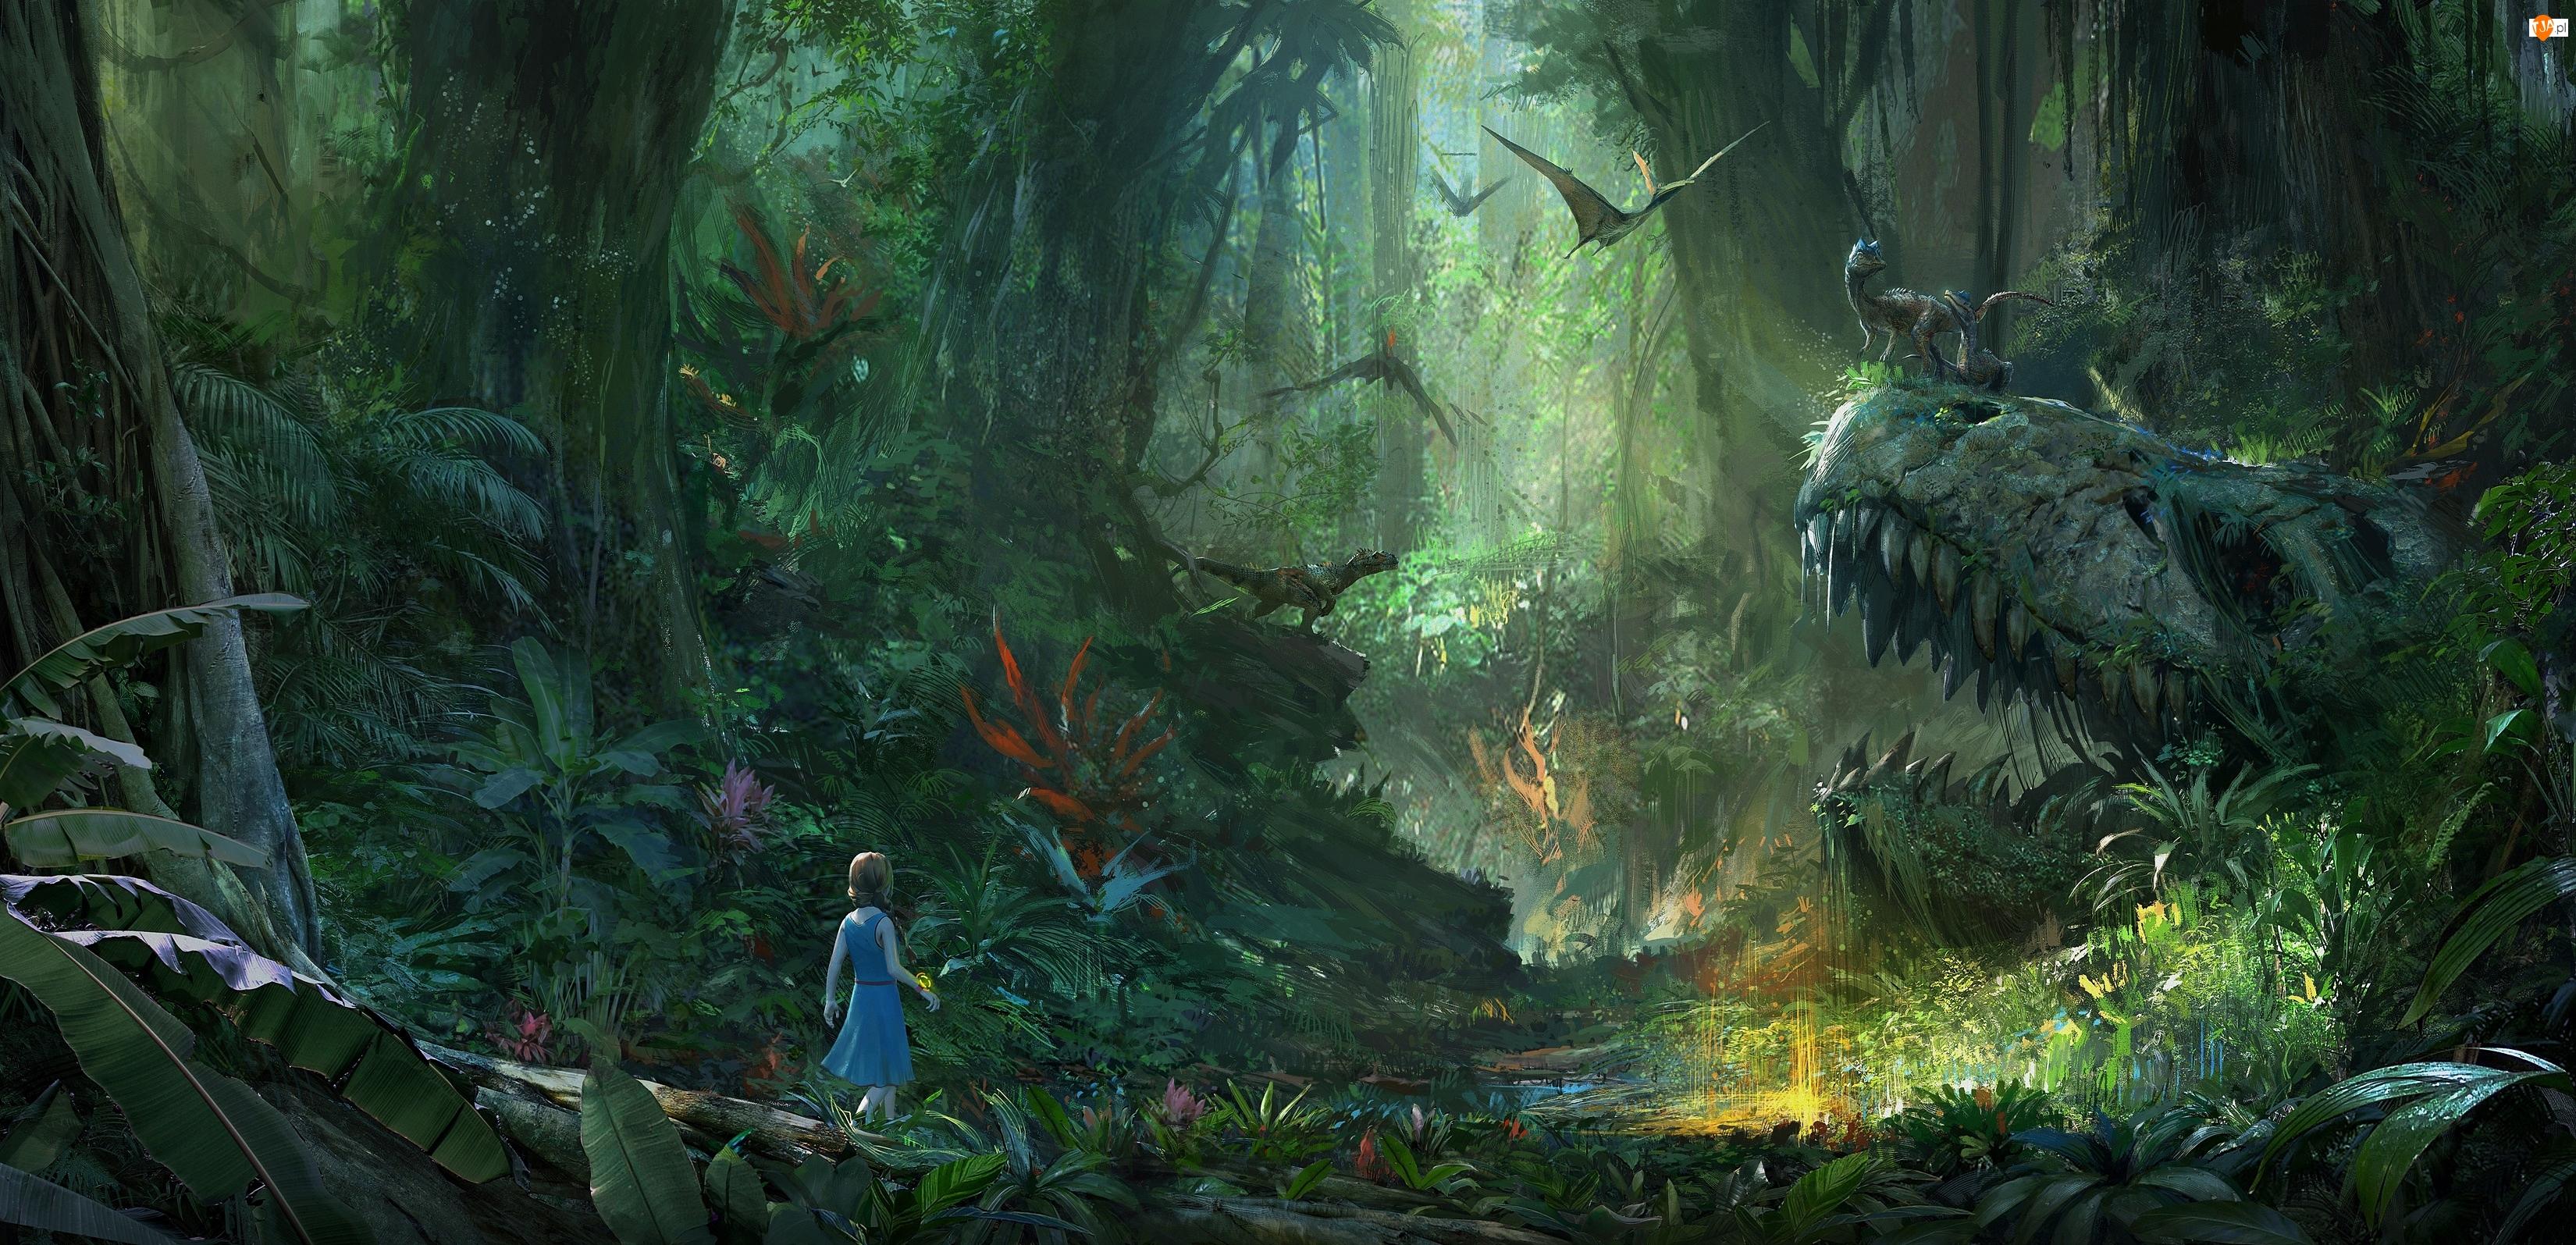 Tyranozaury, Gra, Szkielet, Latające, Ark : Survival Evolved, Dinozaura, Pterodaktyle, Dziewczynka